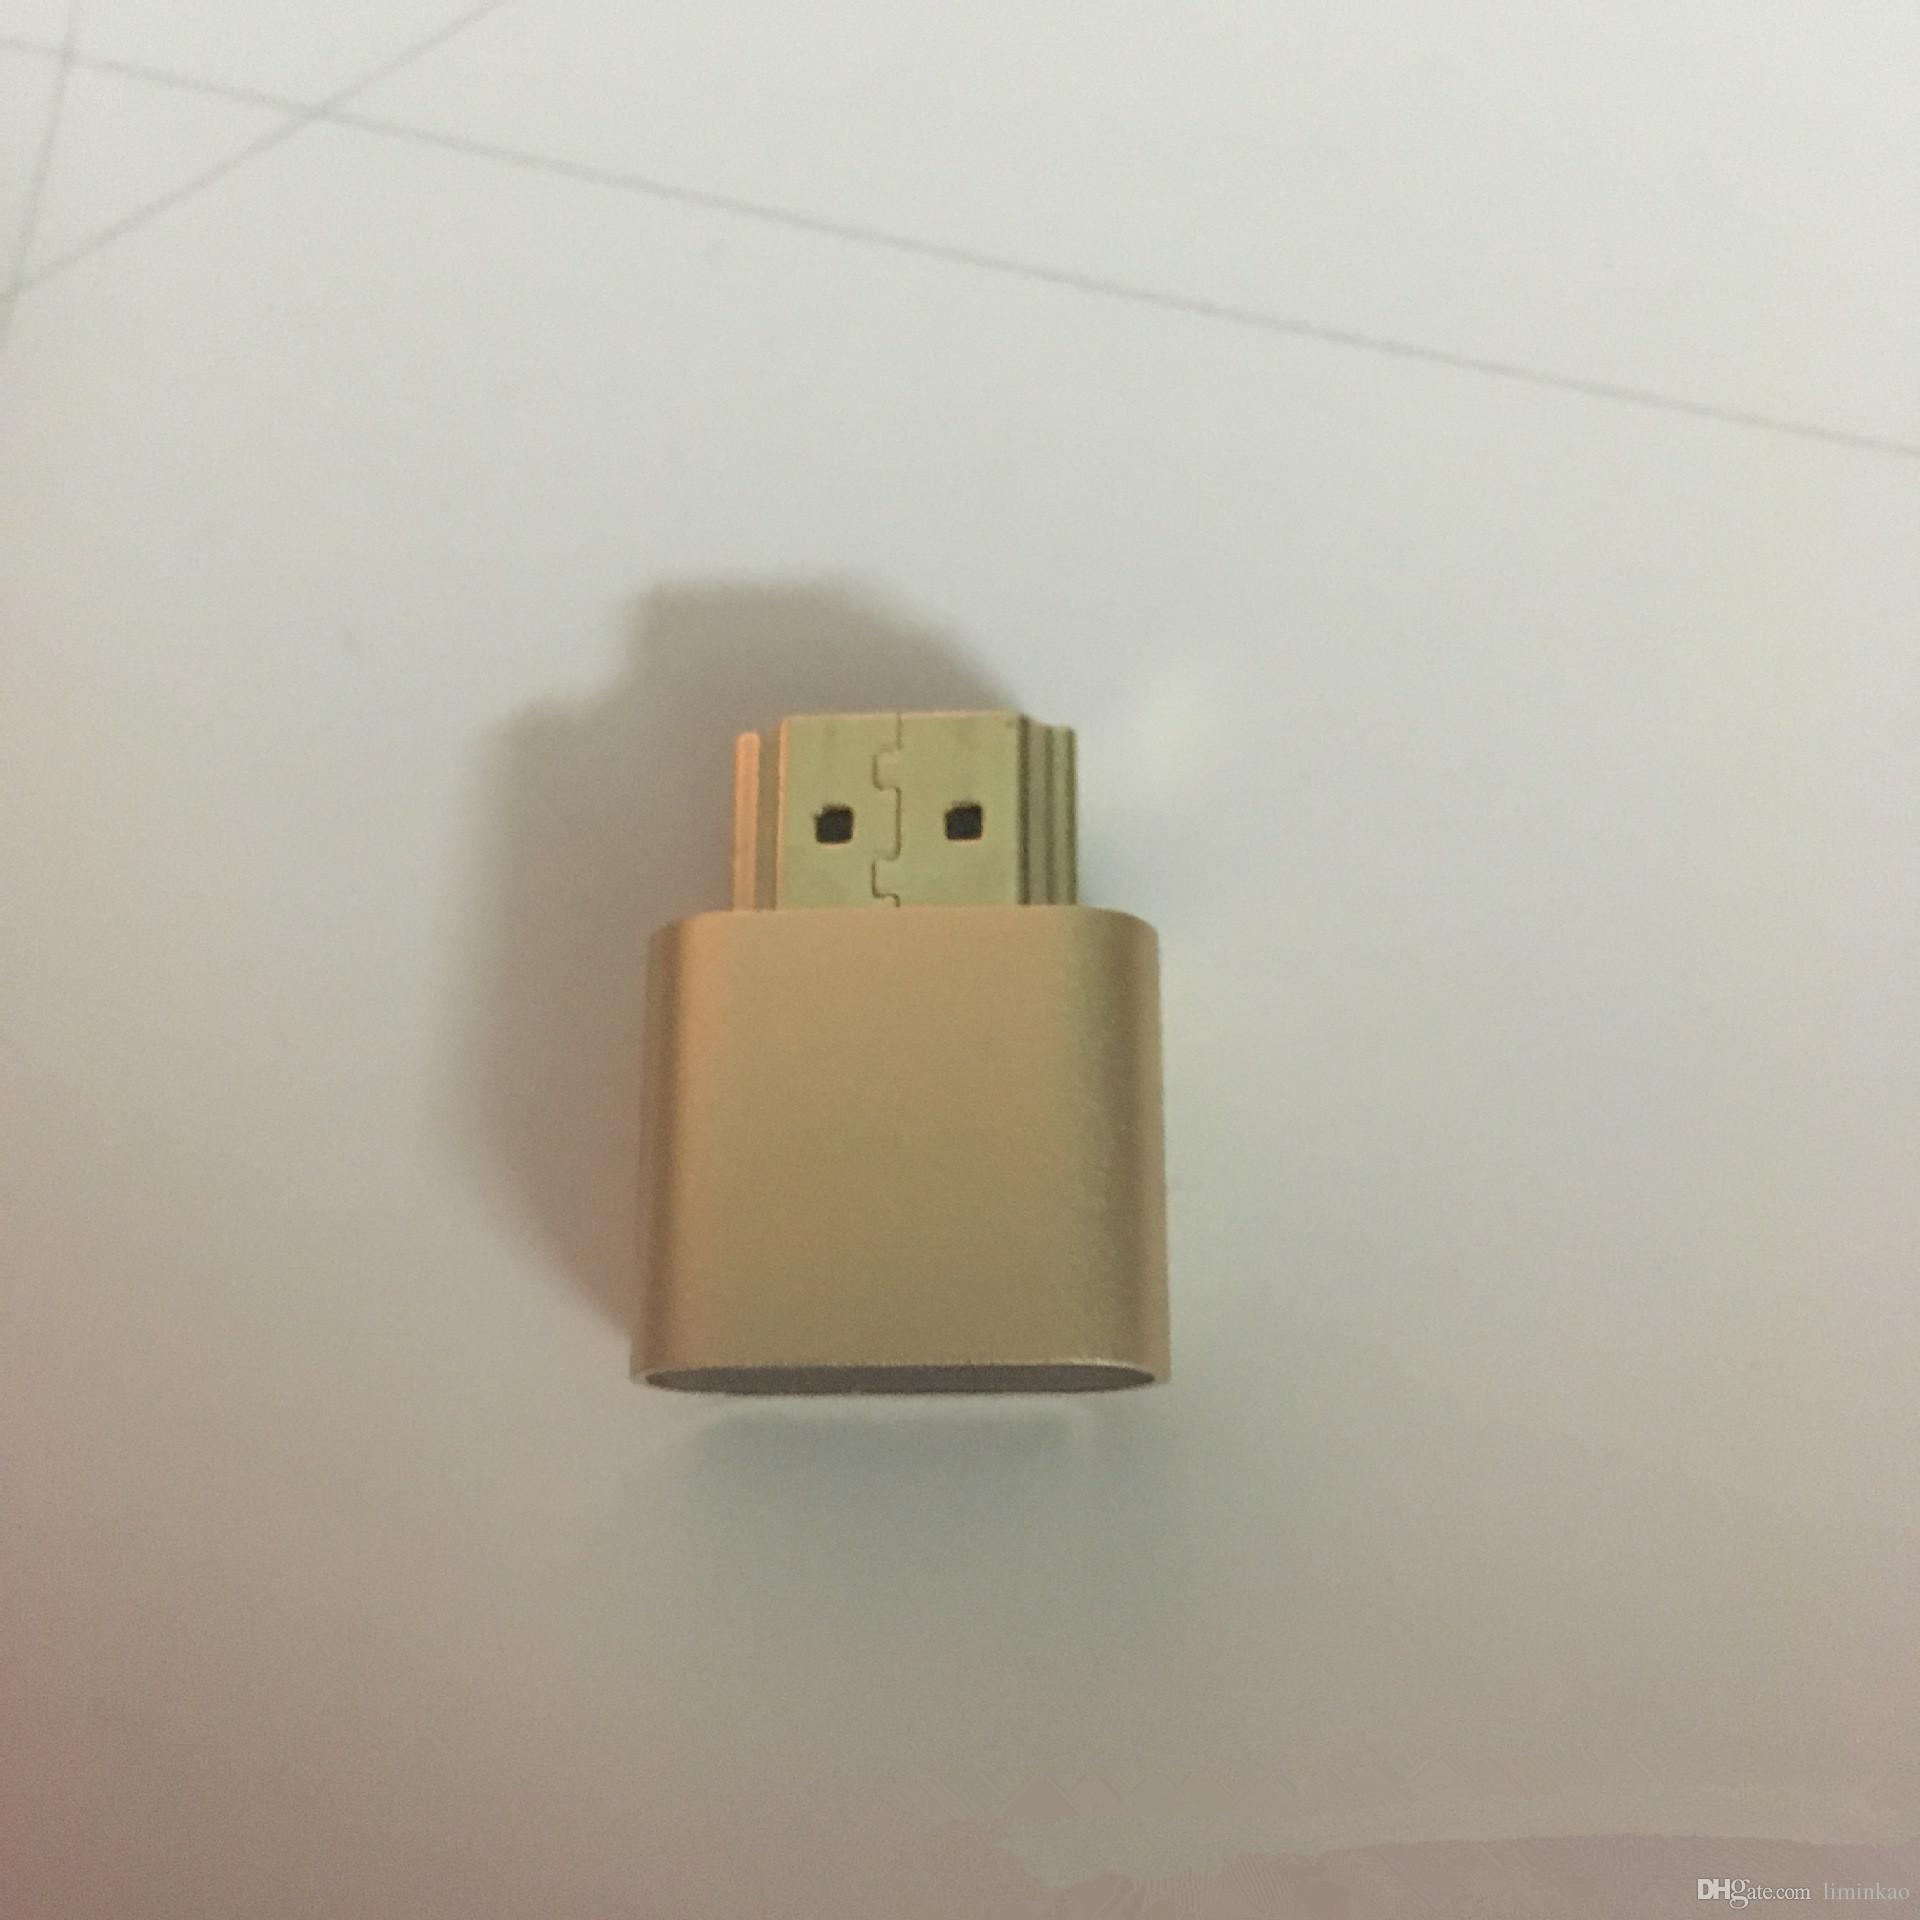 New HDMI DDC EDID Dummy Plug Headless Ghost Display Emulator for PC / Mac Mini VGA DVI DP HDMI dummy plug